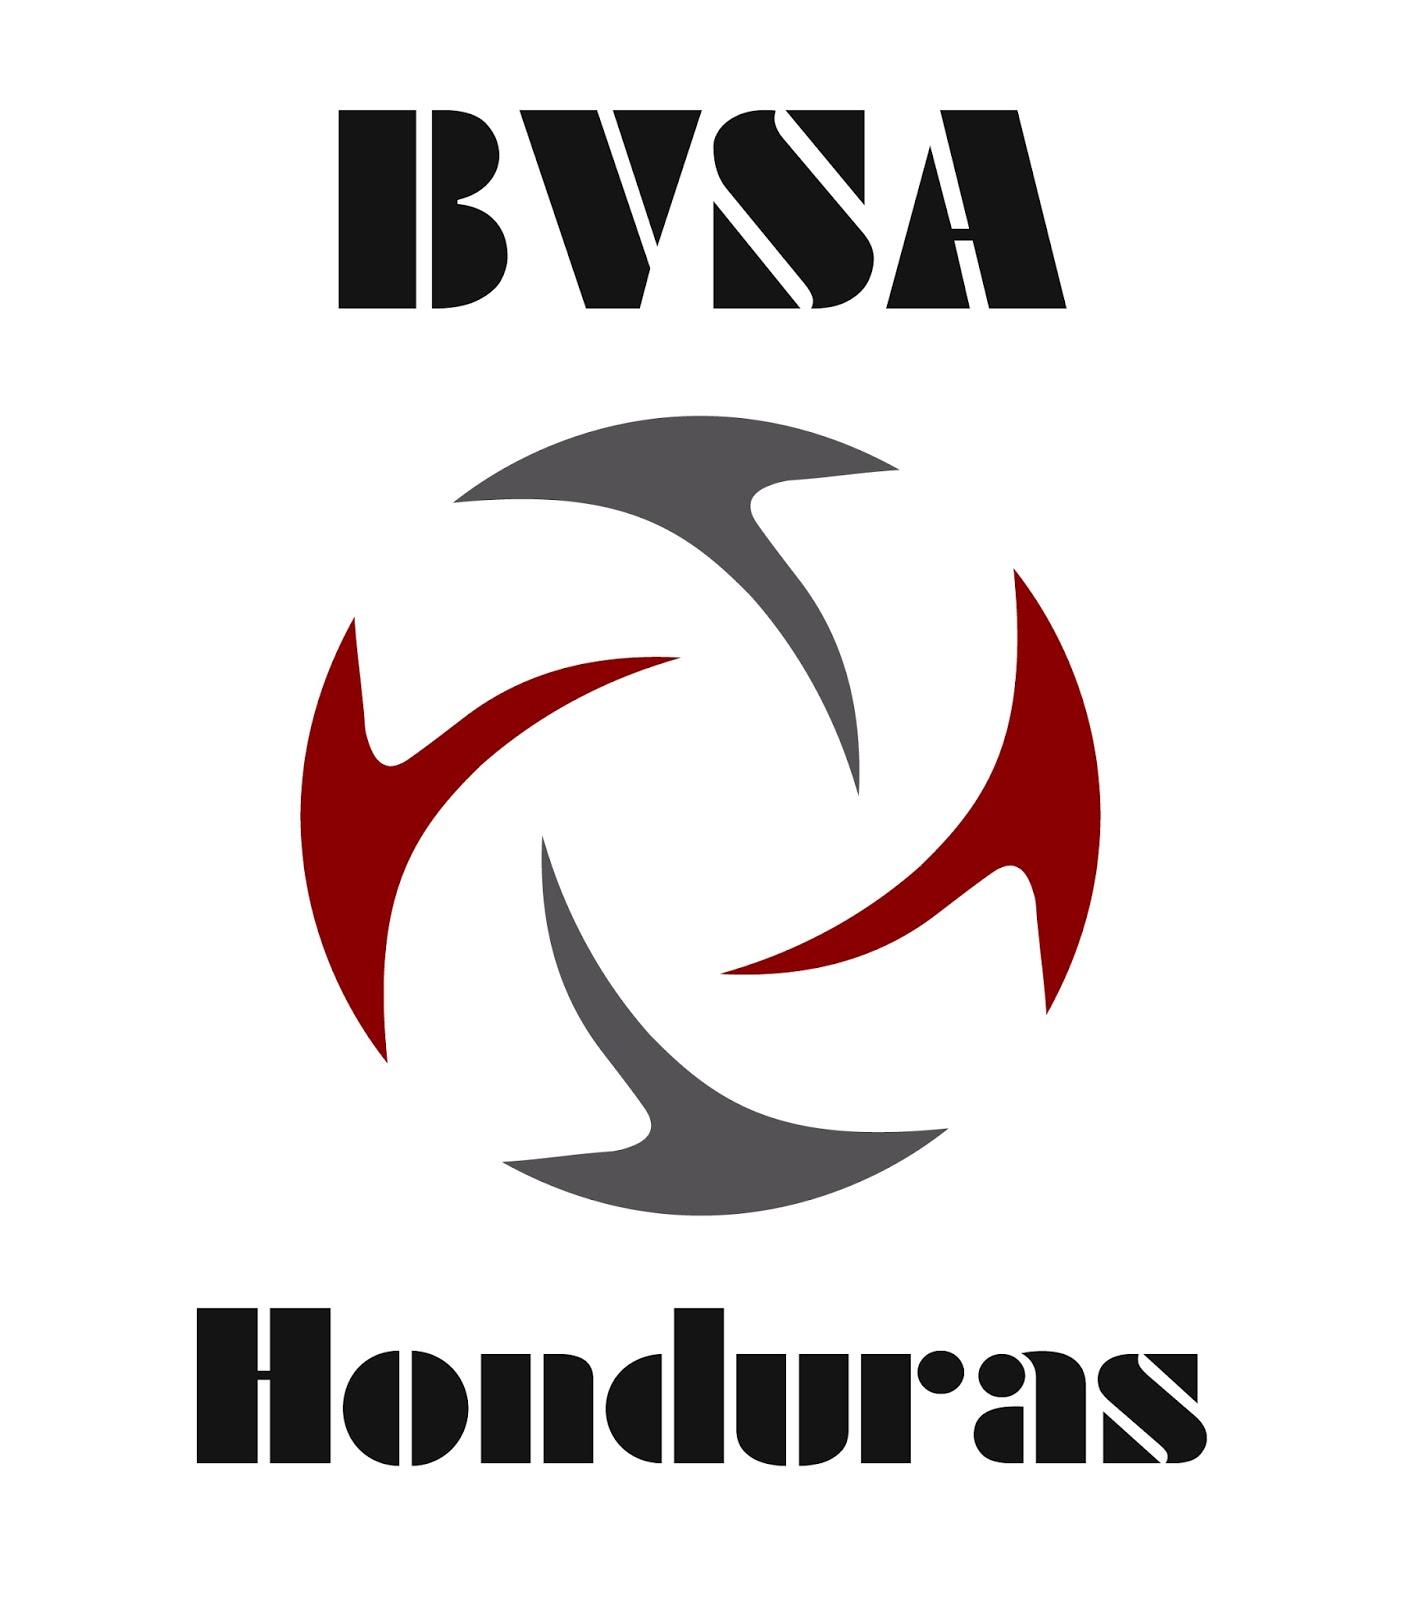 BVSA Honduras.jpg